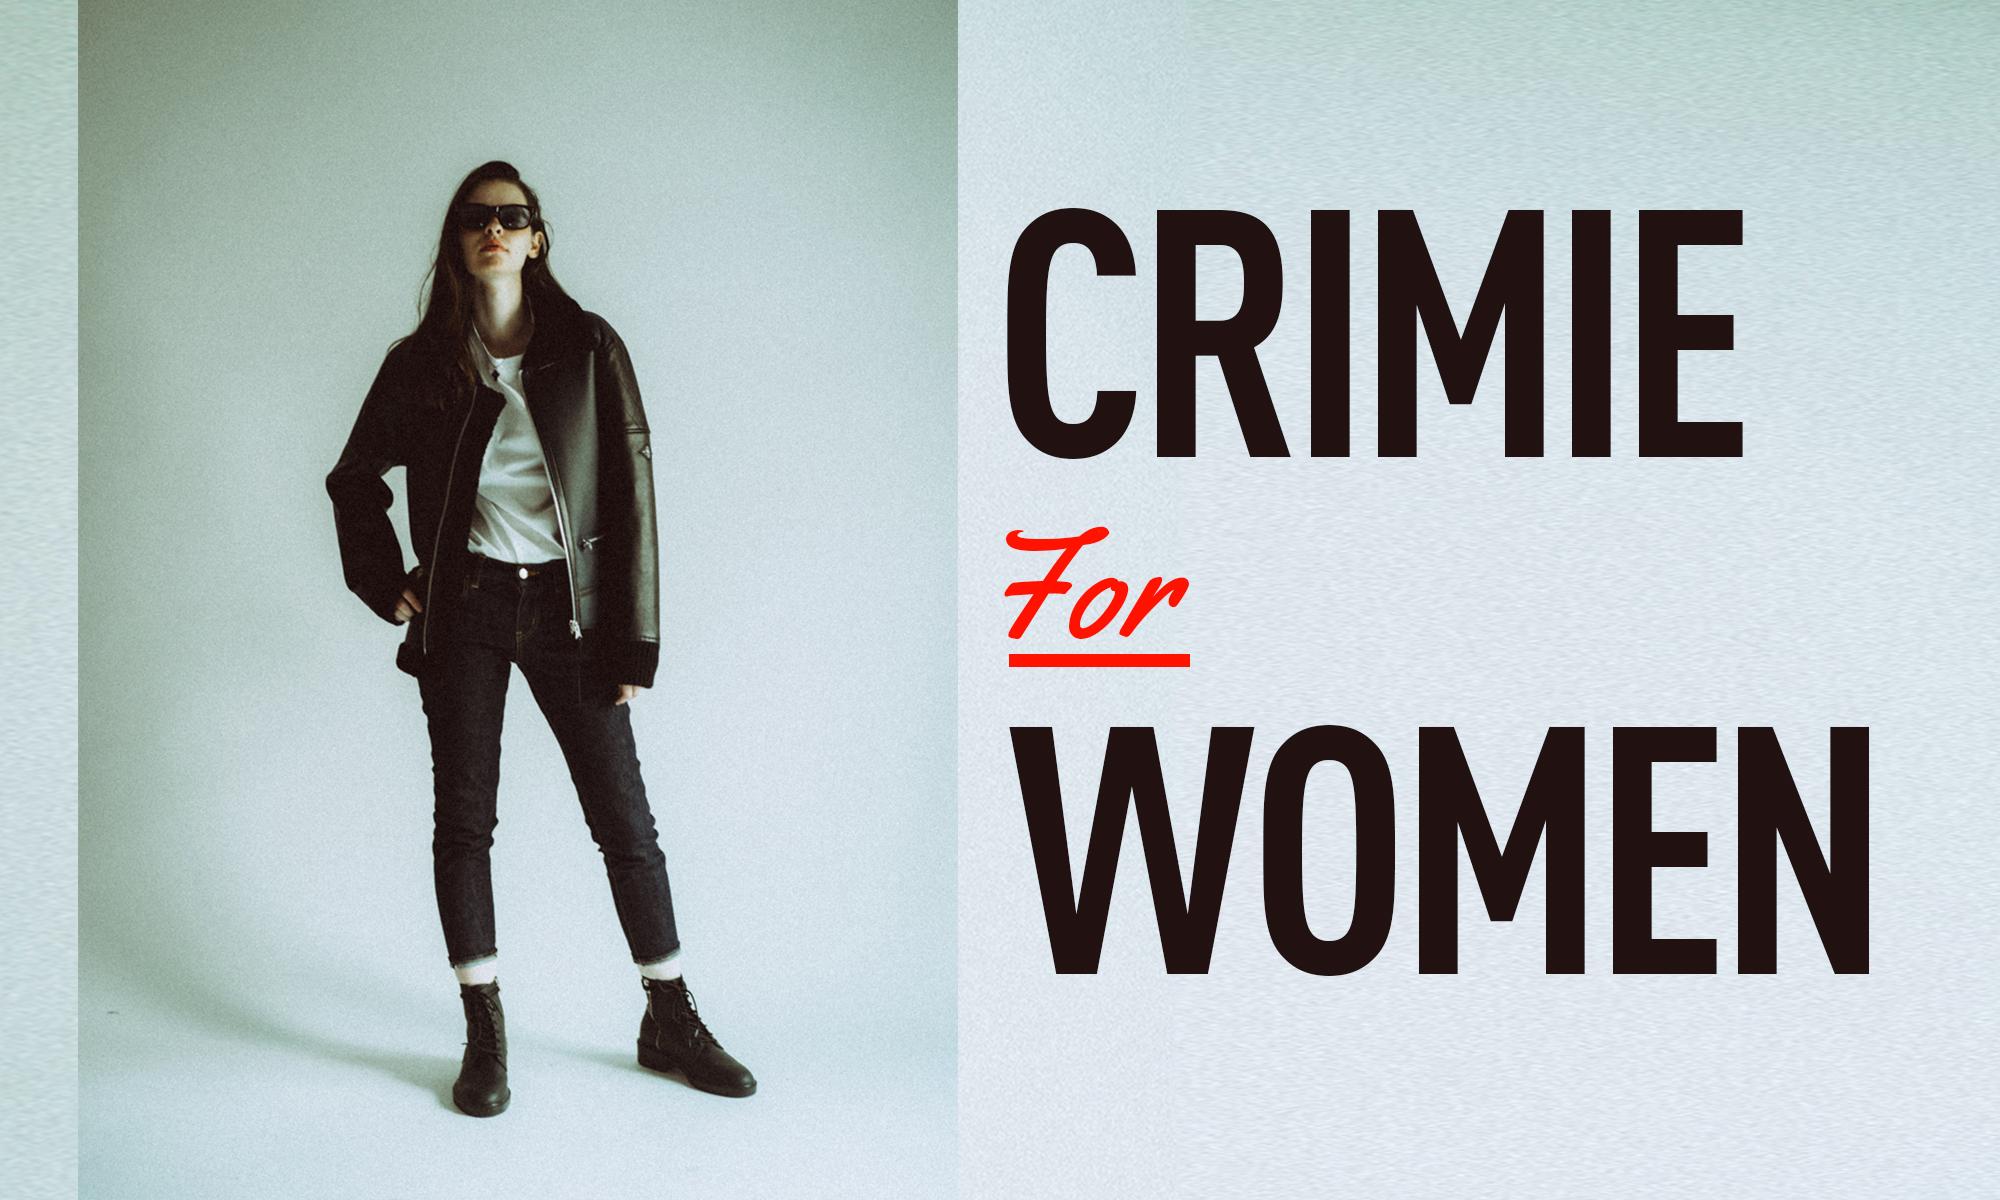 レディースラインがますます充実! CRIMIE for WOMEN